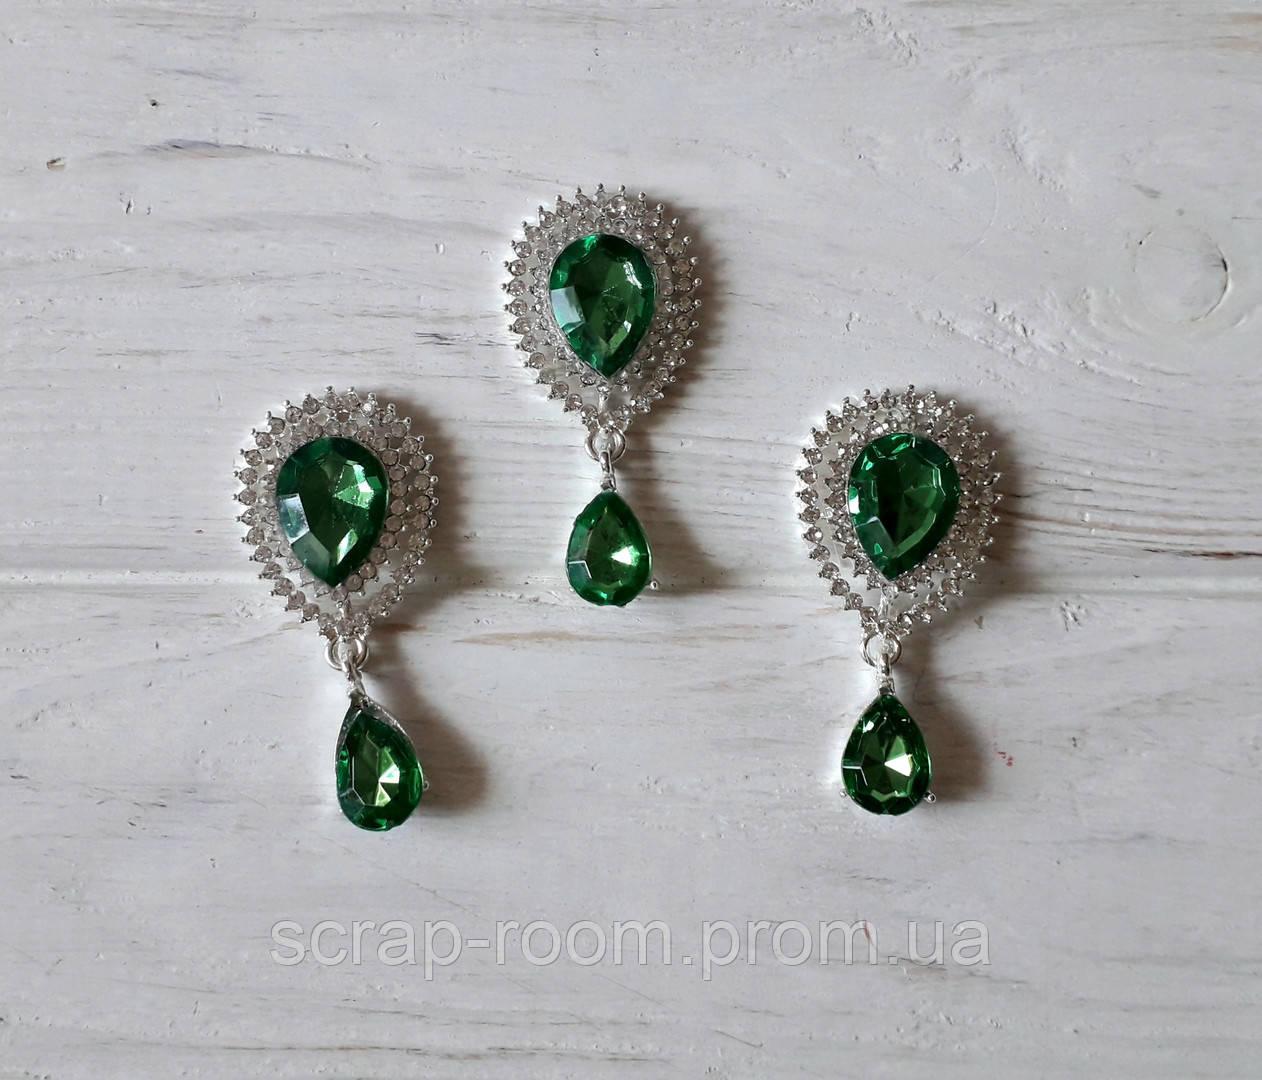 Брошь, брошь серебро с зеленым камнем, брошь с подвеской, брошь свадебная, размер 25*50 мм, цена за шт